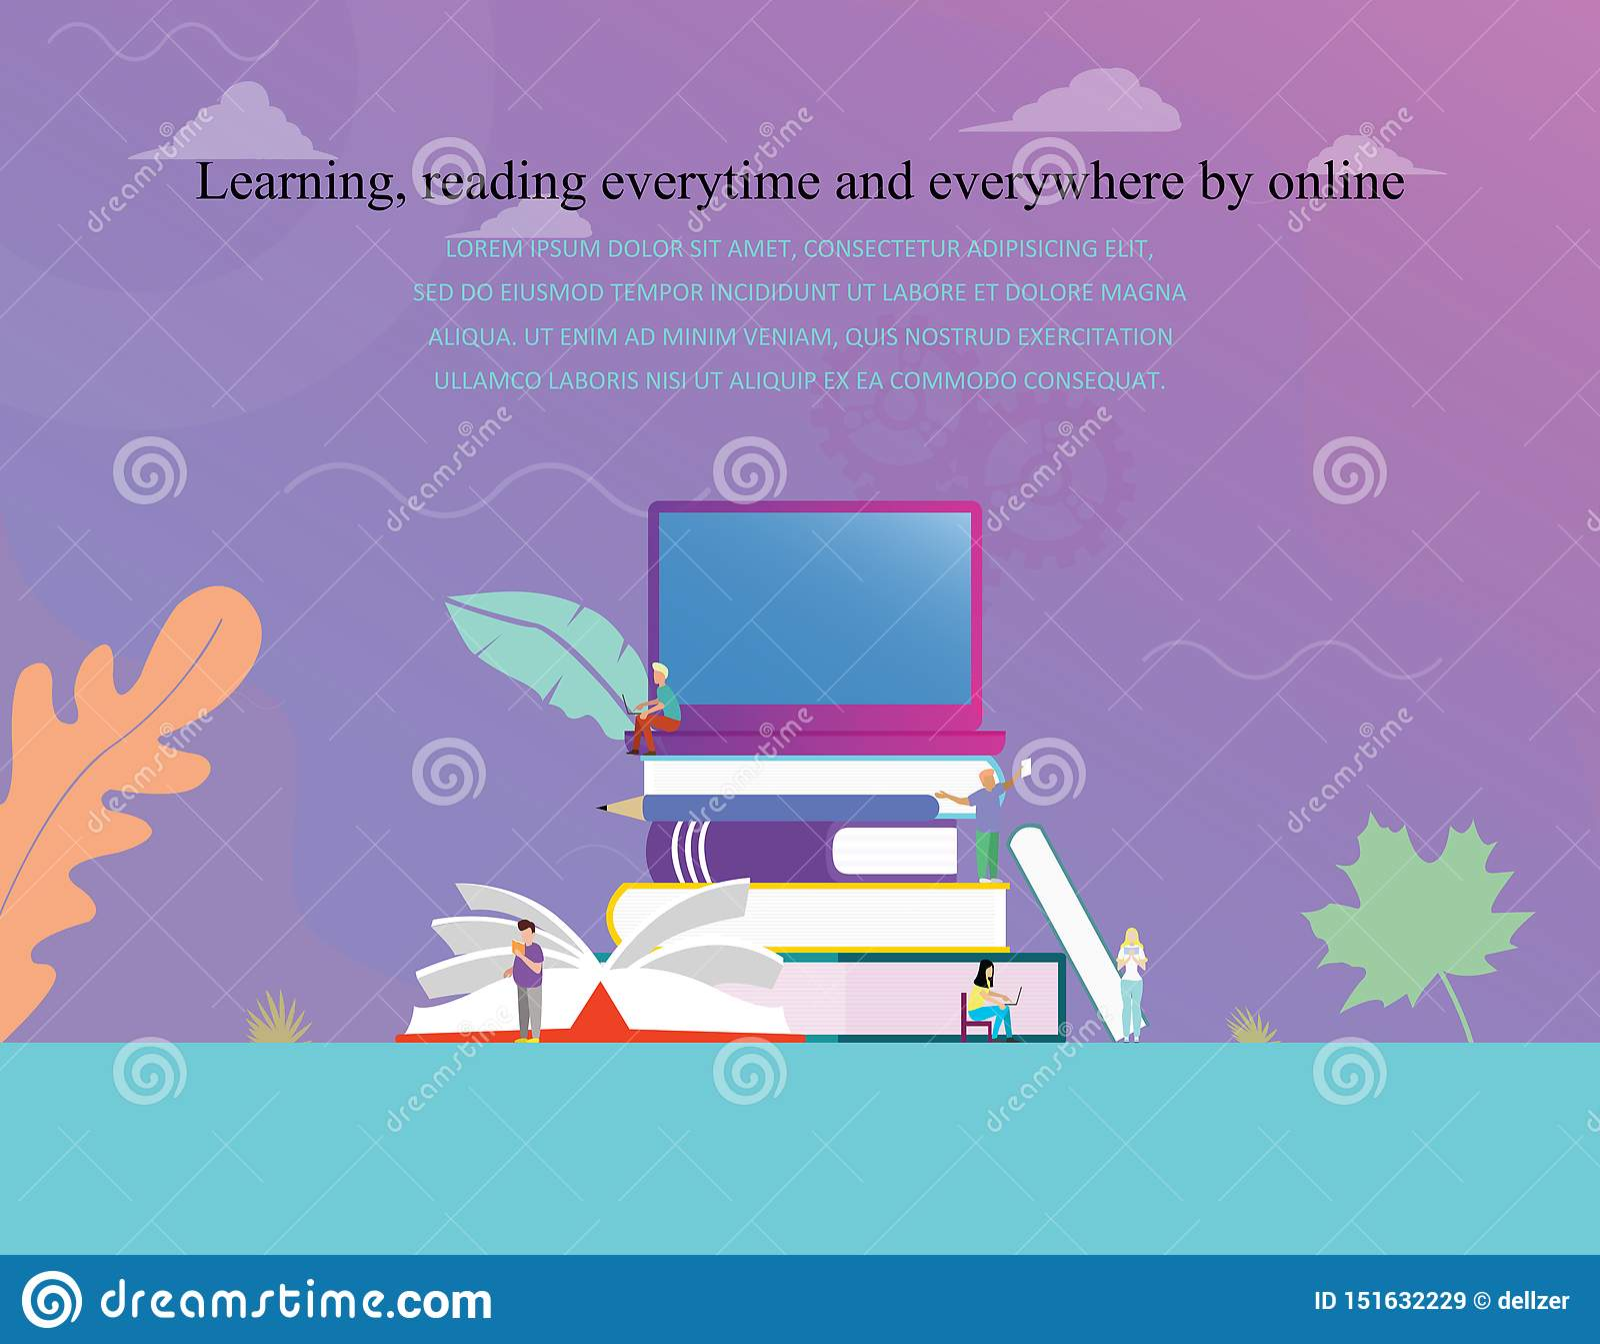 On-line-digitale Bibliothek des Ausbildungs- oder ebook Lesekonzeptvektorillustrations-Konzeptes, lernend